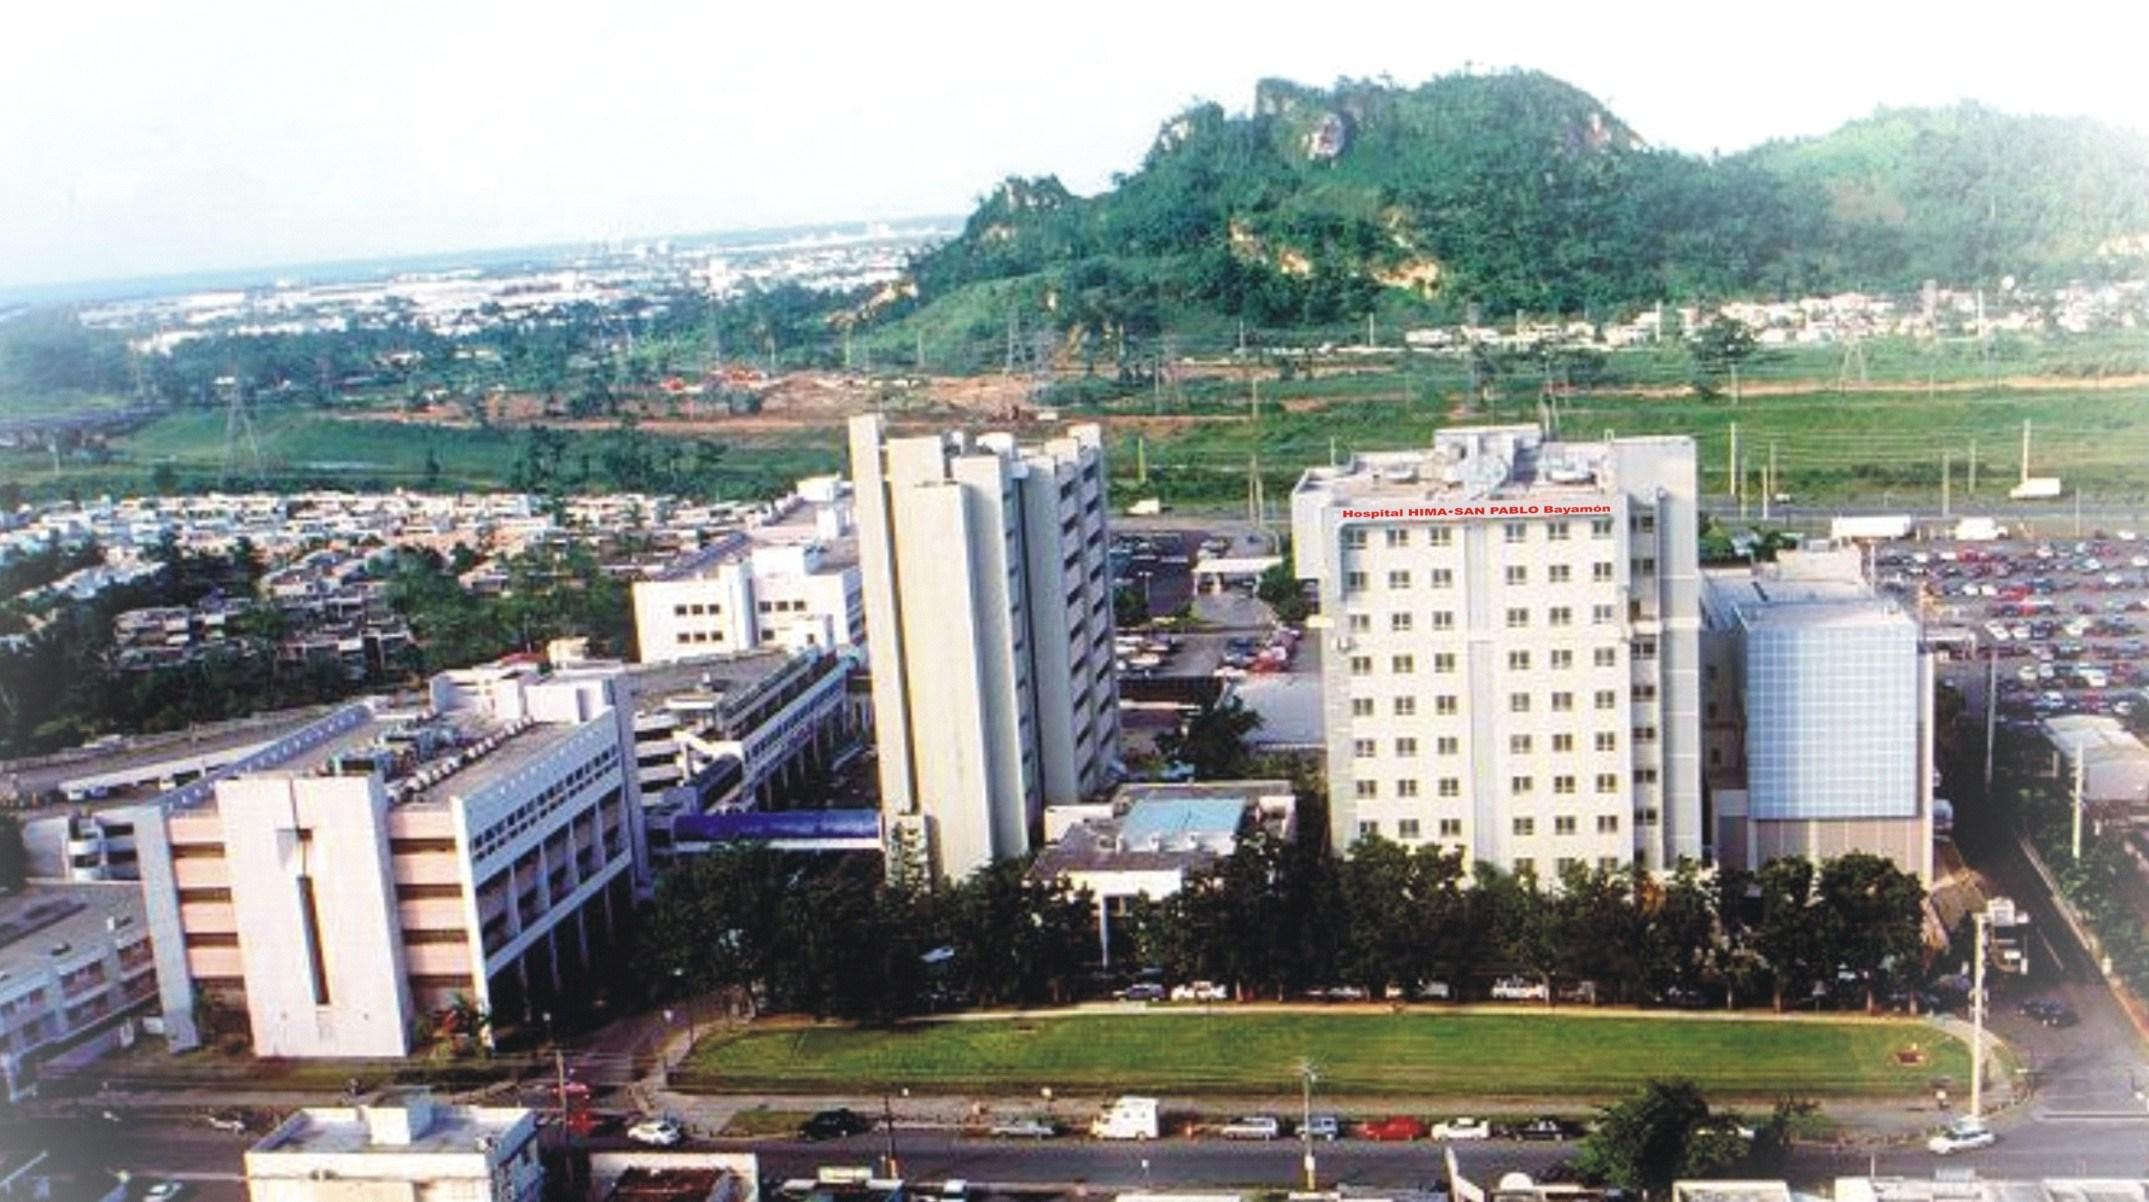 El Hospital HIMA•San Pablo Bayamón abrió sus puertas en 1976 y ha sido  acreditado por el (JCAHO). HIMA•San Pablo Bayamón es el segundo hospital  privado más